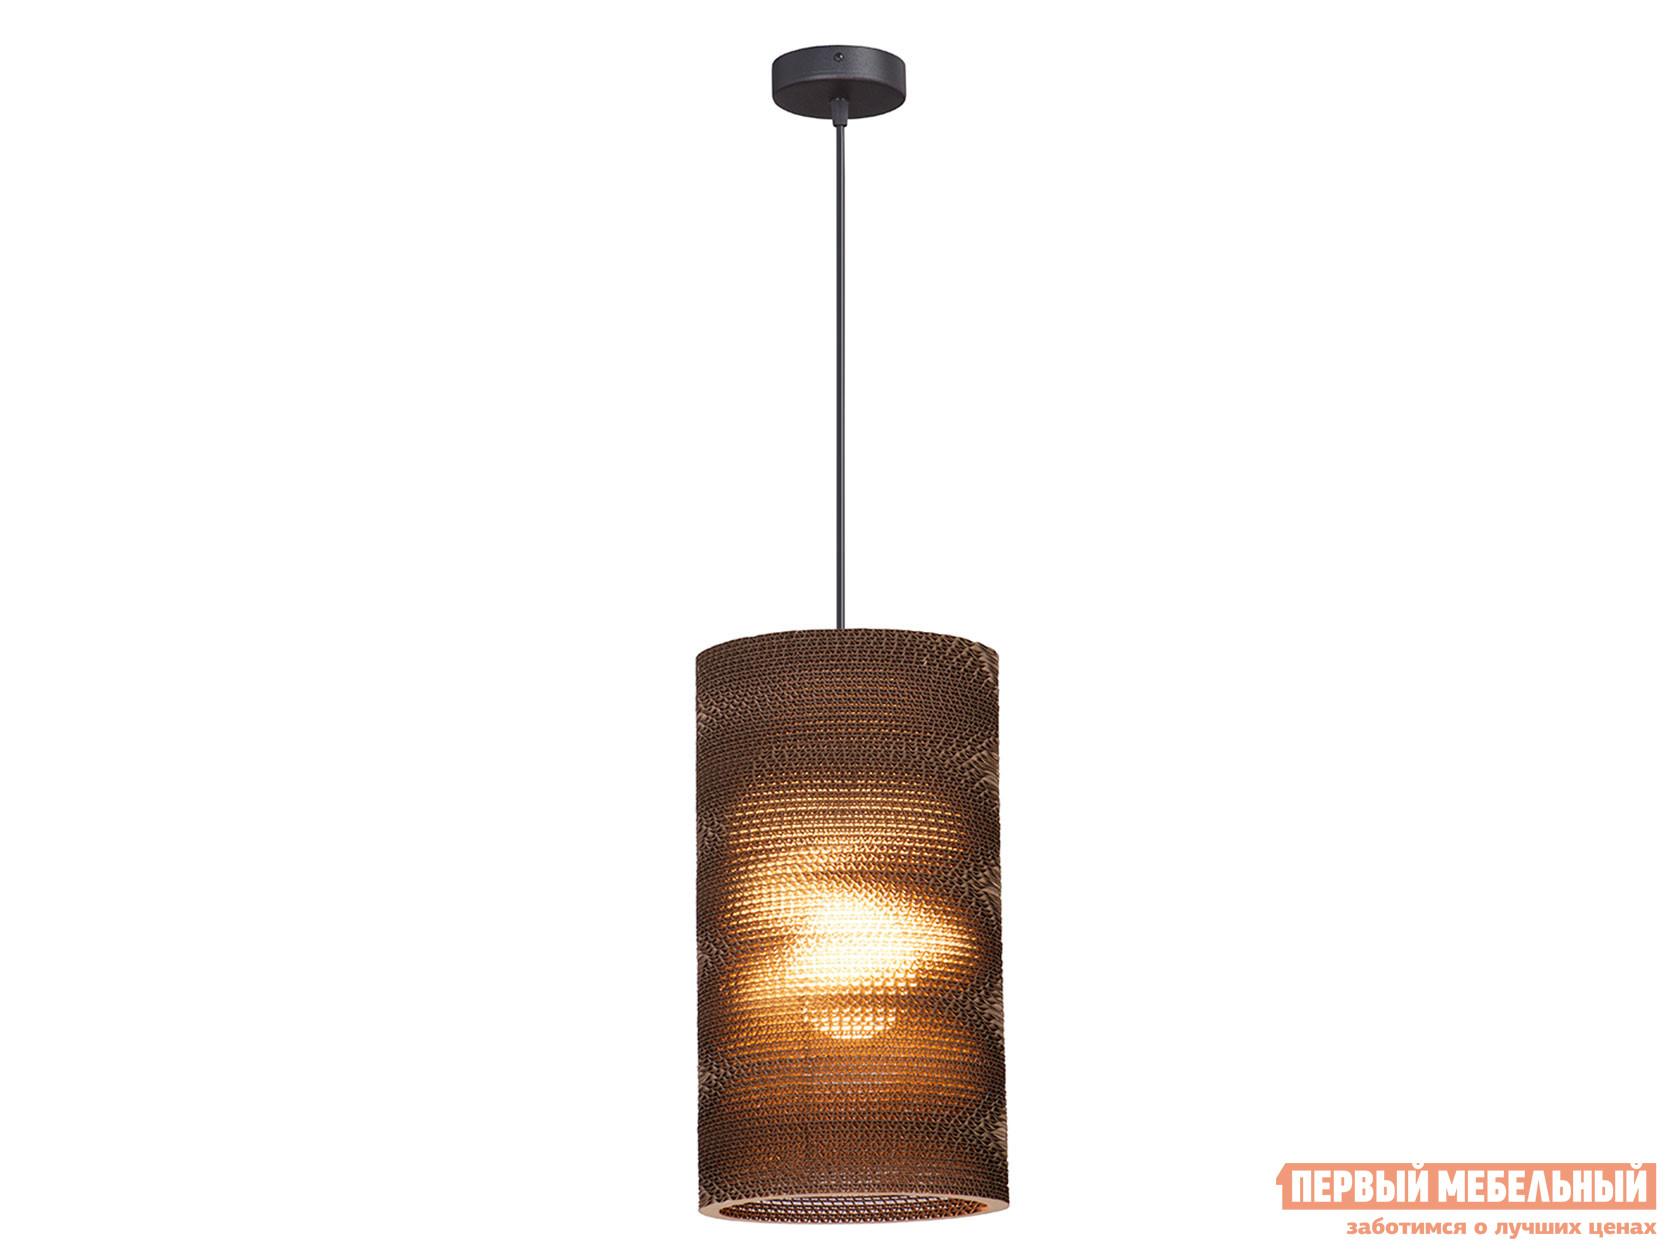 Подвесной светильник КСК-электро Люстра V4789-1/1S